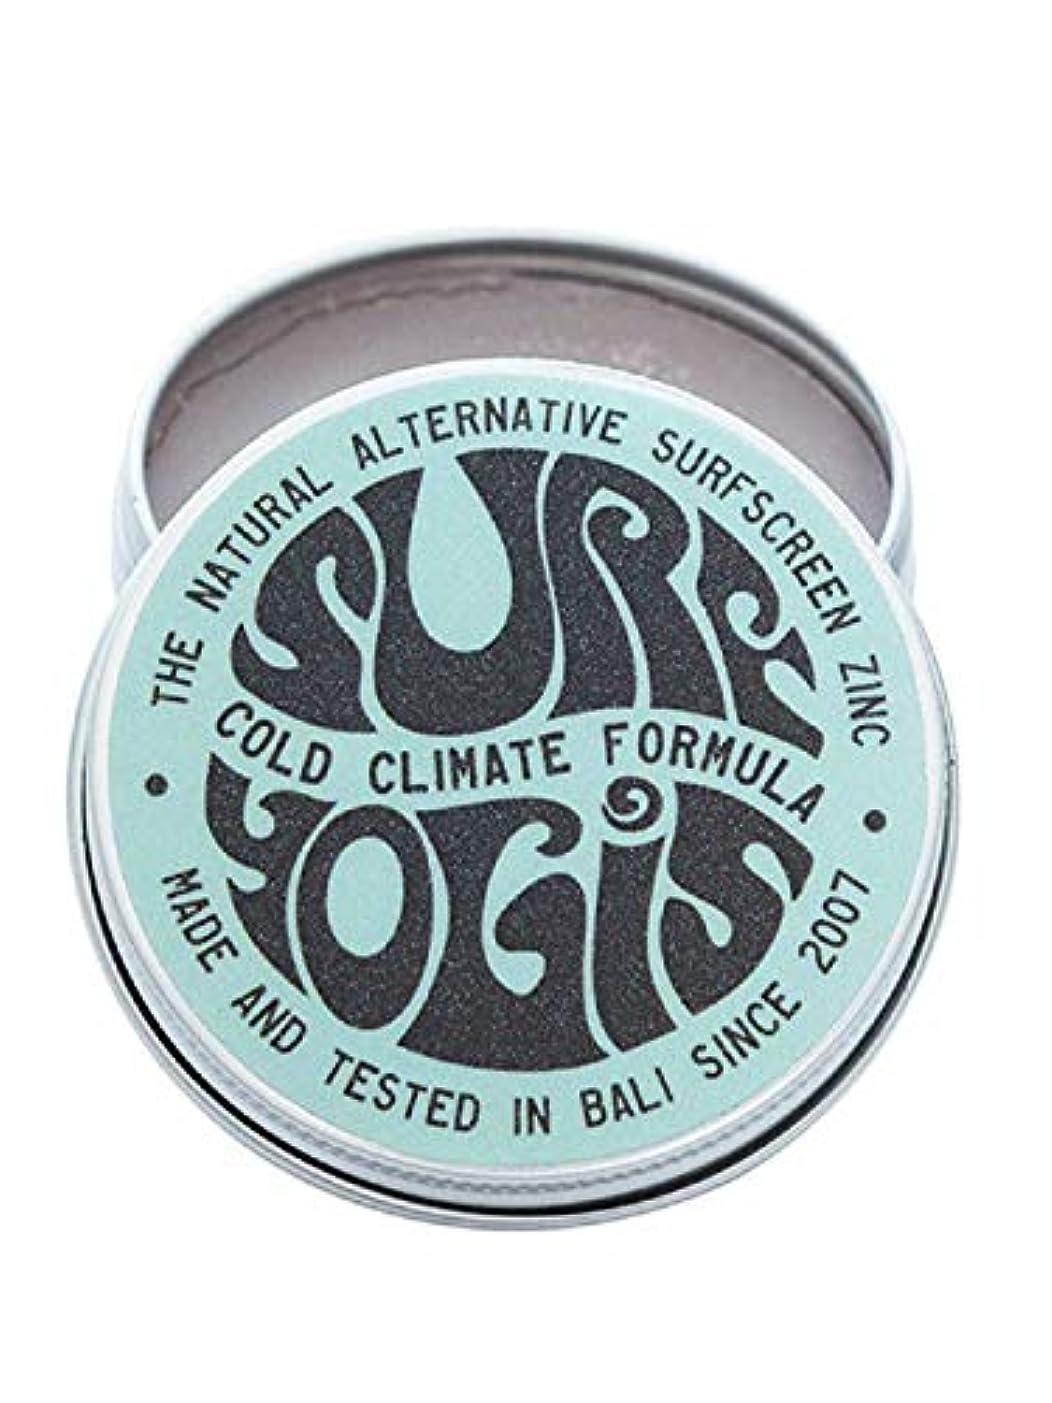 襲撃彼自身砂のSURF YOGIS(サーフヨギ) ナチュラルサーフスクリーン COLD CLIMATE FORMULA フォーミュラ 冬用 柔らかめ 日焼け止め オーガニック素材 60g SPF50 ノンケミカル